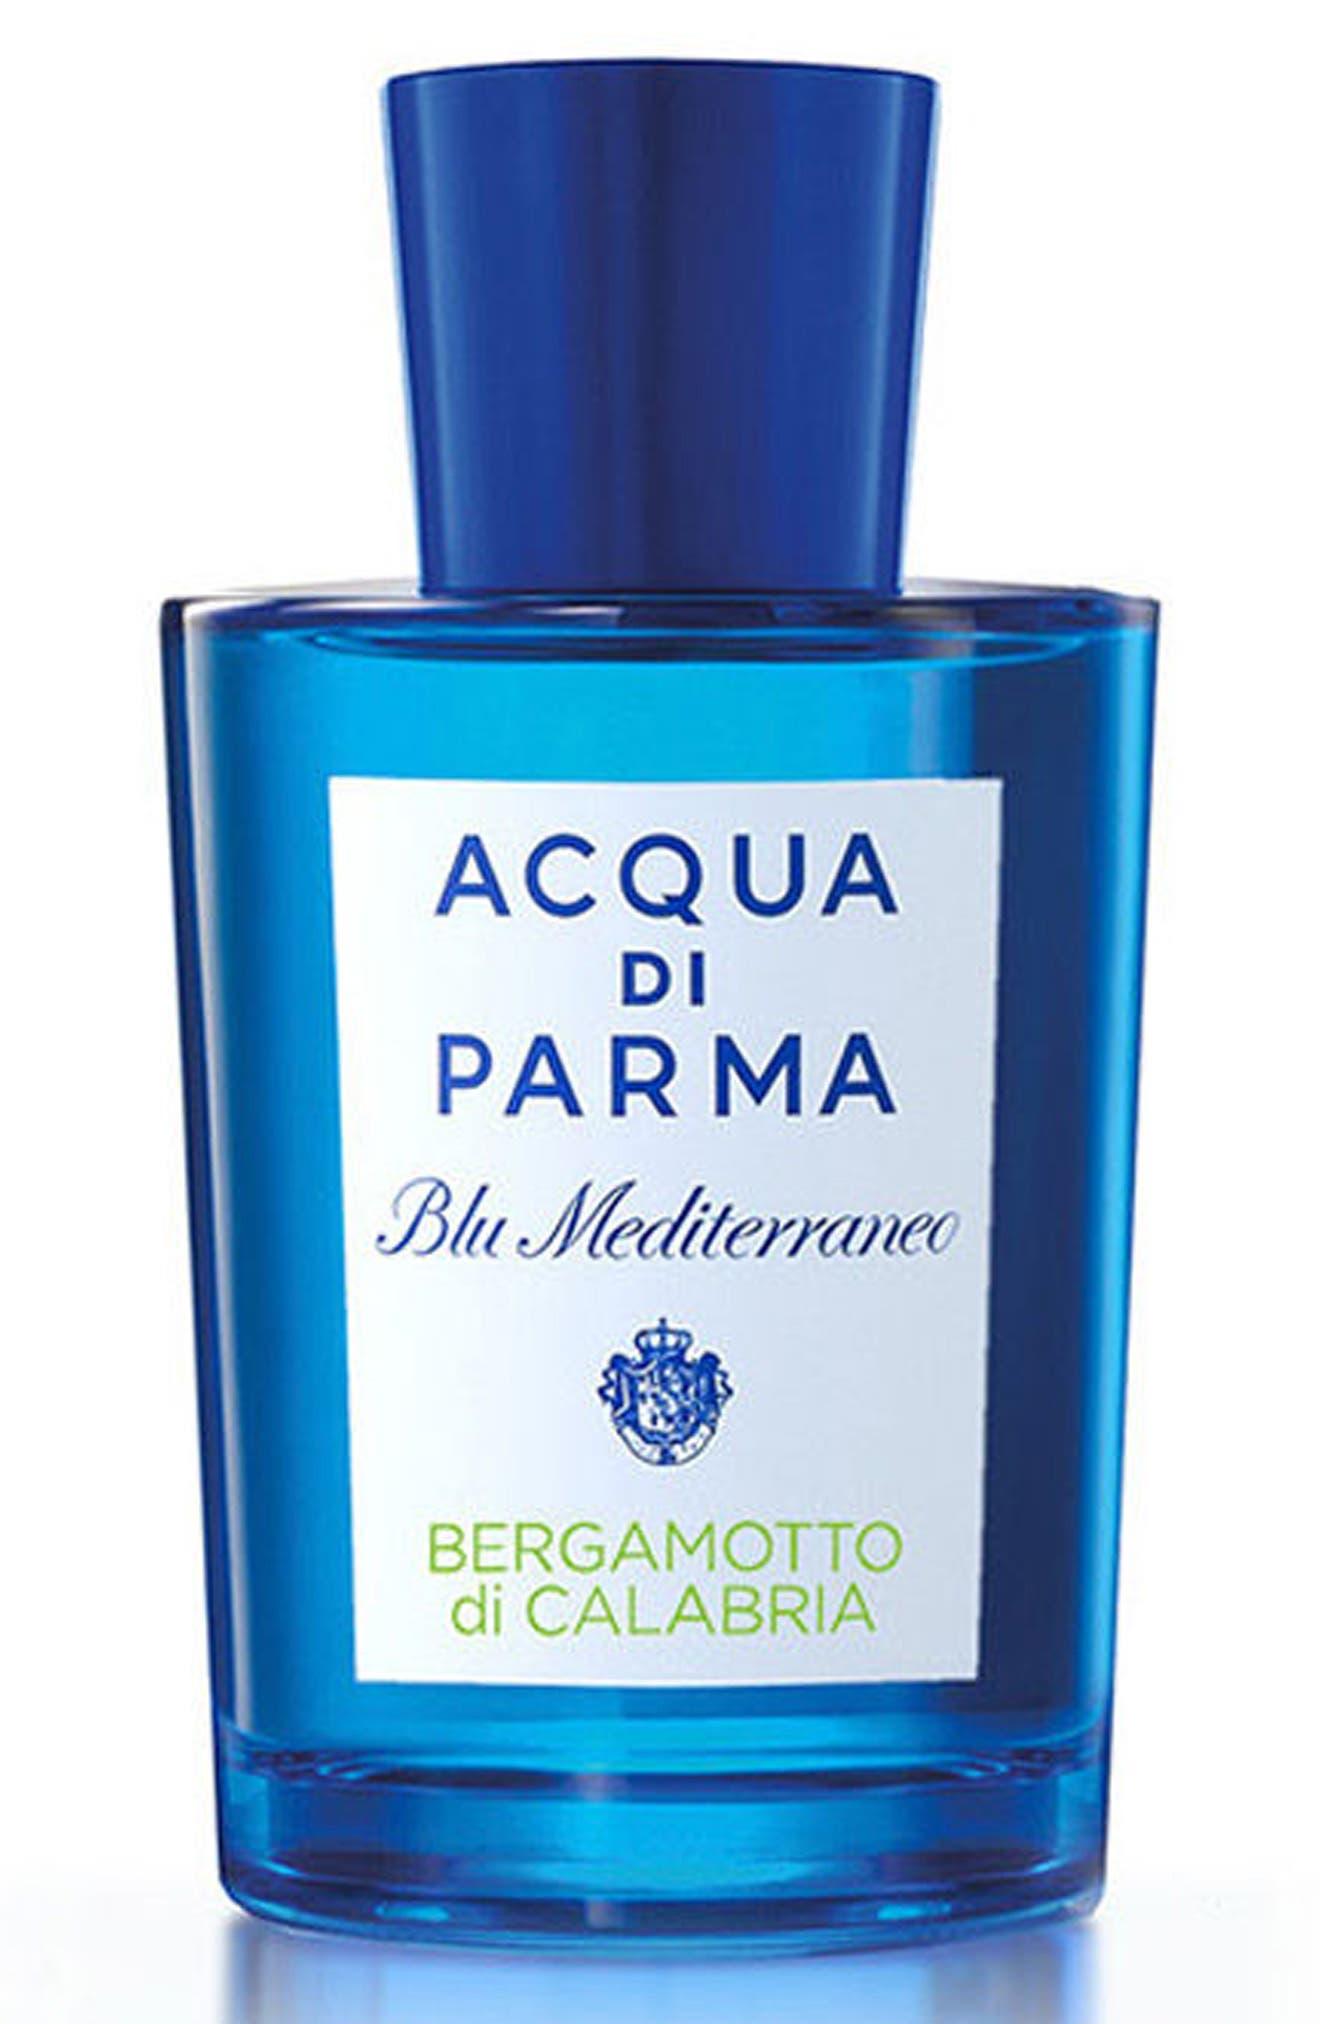 ACQUA DI PARMA 'Blu Mediterraneo' Bergamotto di Calabria